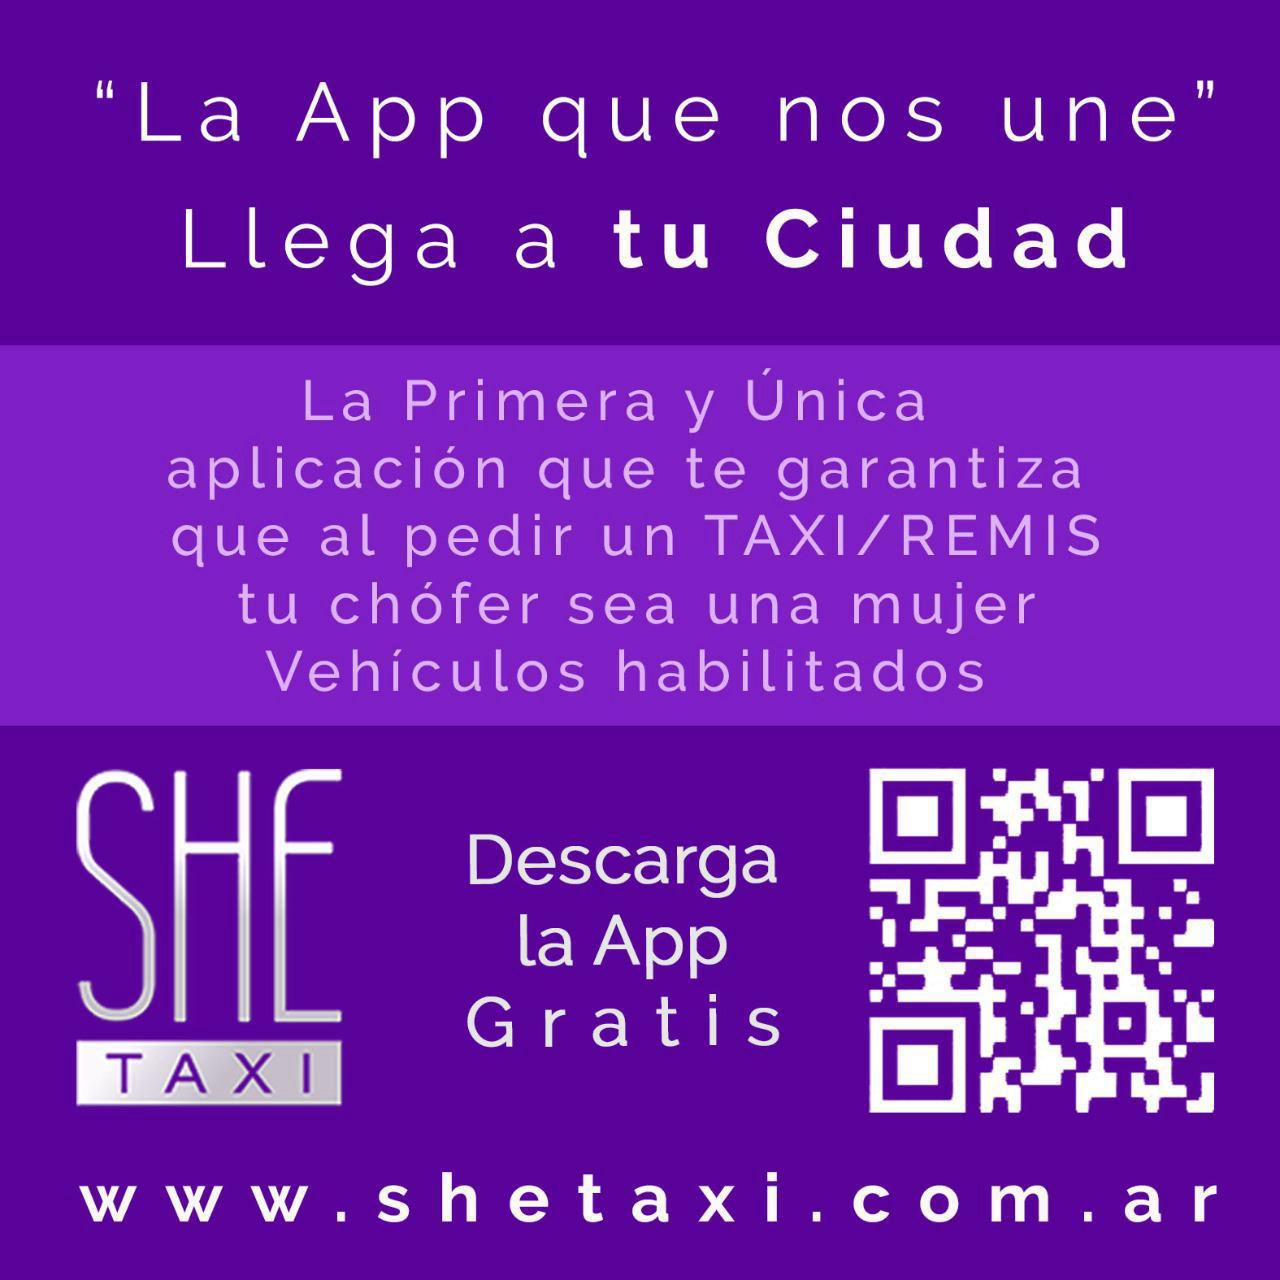 La App que nos Une